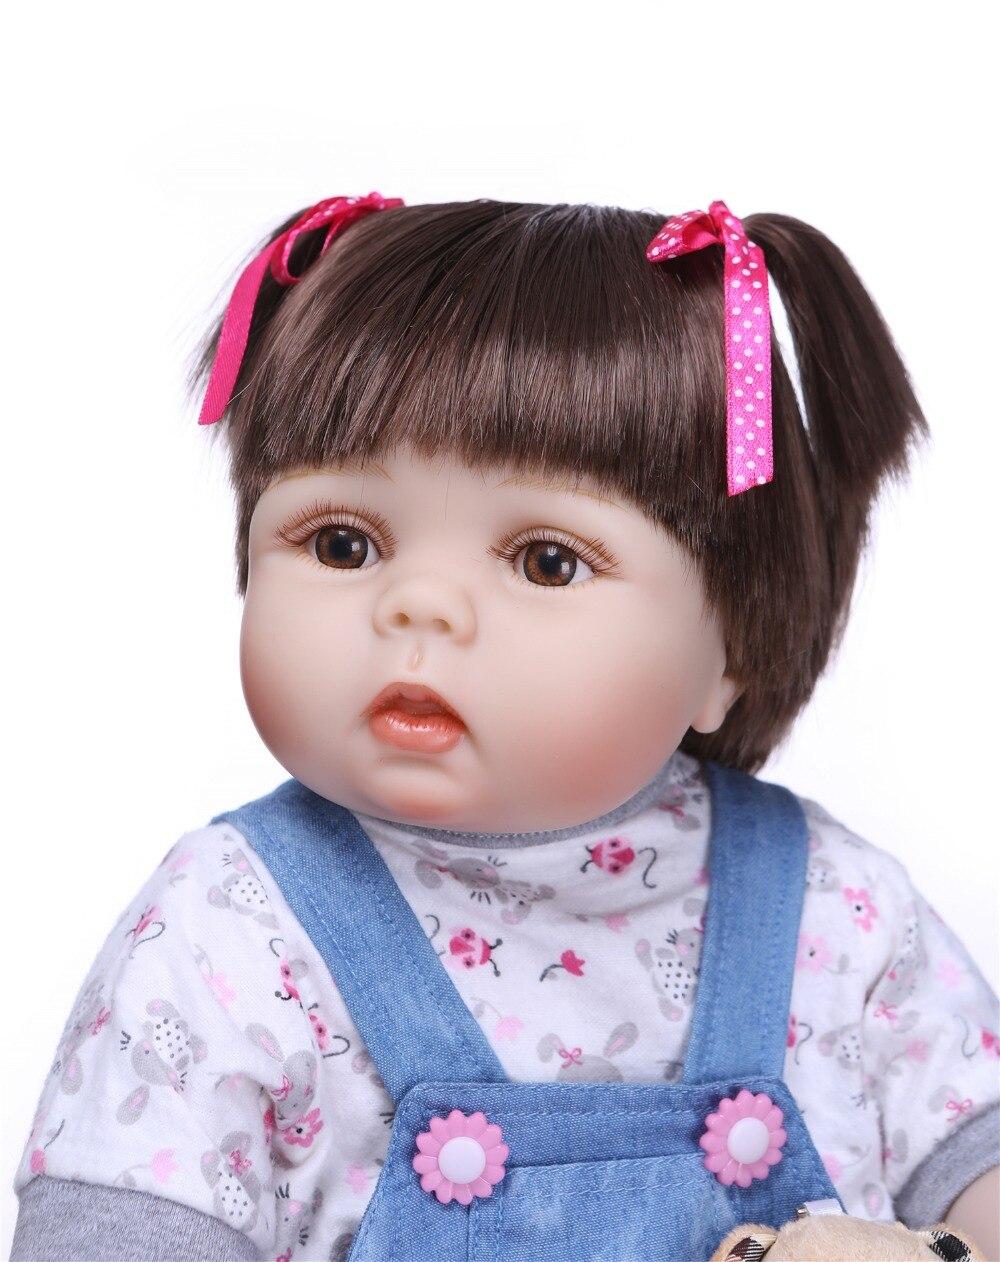 NPKCOLLECTION nowy prawdziwe 56 CM pełna ciała silikonowe dziewczyna Reborn Babies lalki urocza realistyczne maluch dziecko towarzysze zabaw dla dzieci zabawki w Lalki od Zabawki i hobby na  Grupa 3